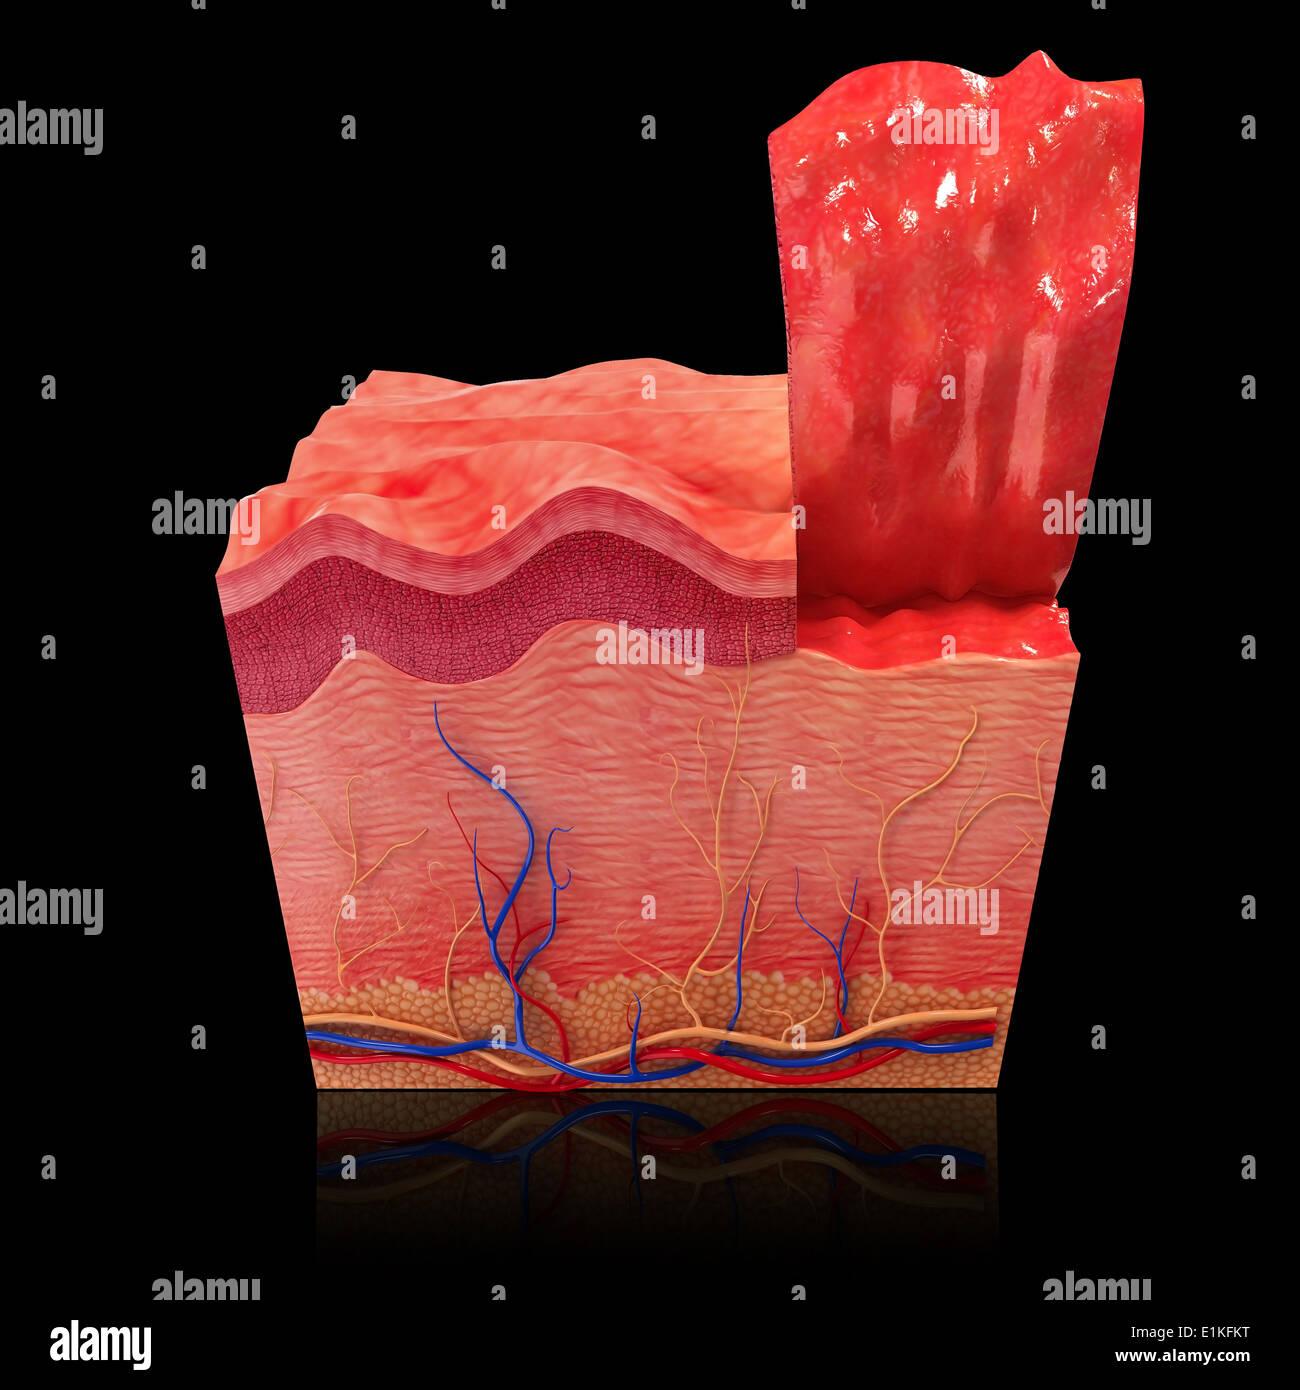 Nett Integumentary System Haut Bilder - Menschliche Anatomie Bilder ...